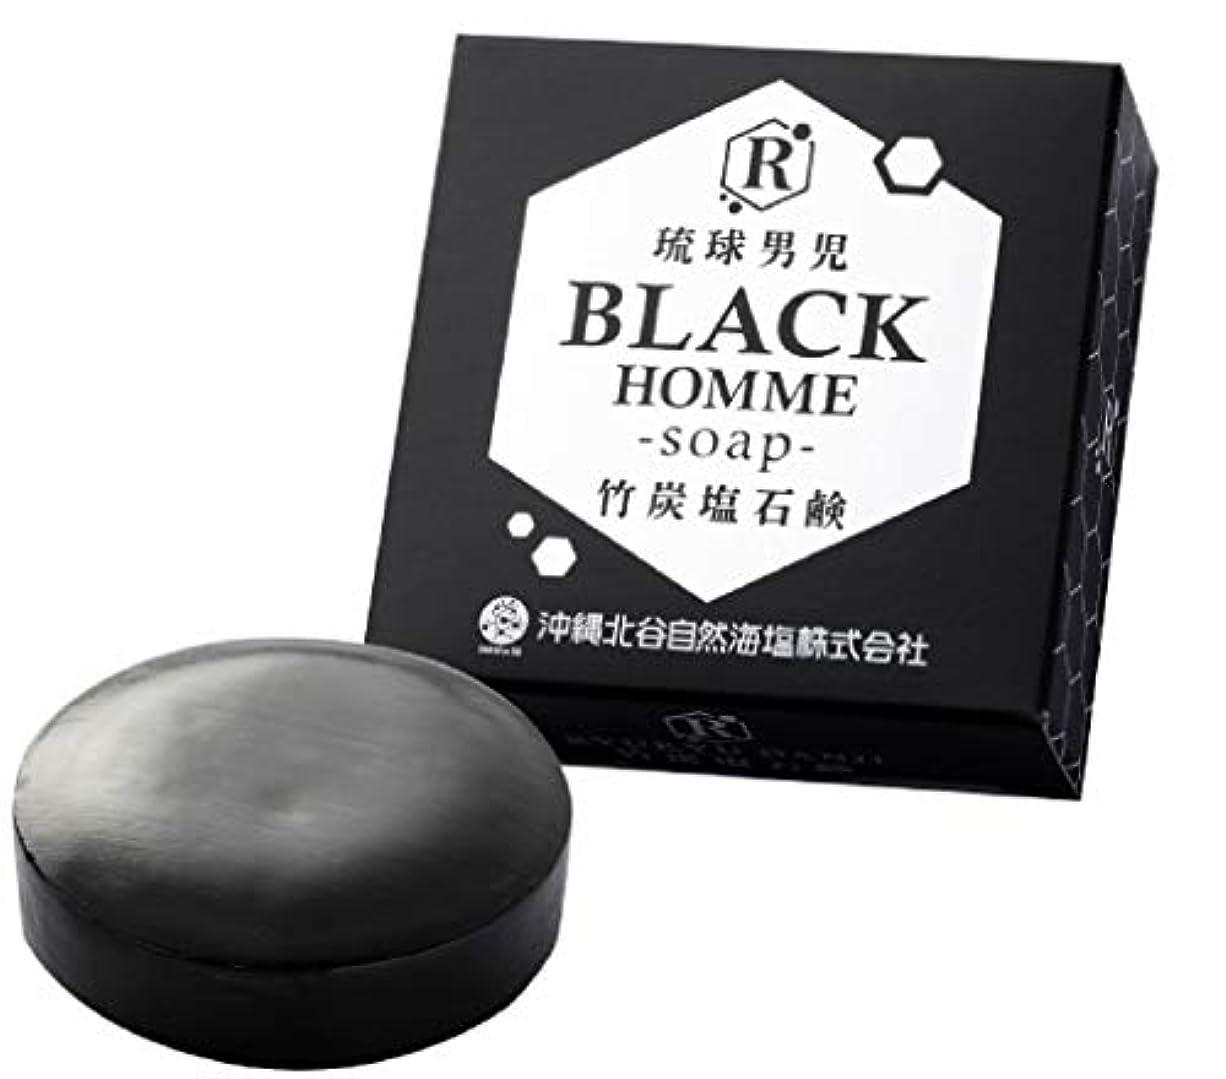 円形の振り向く長方形【2個セット】琉球男児 竹炭塩石鹸 BLACK HOMME-soap- 60g 泡立てネット付き